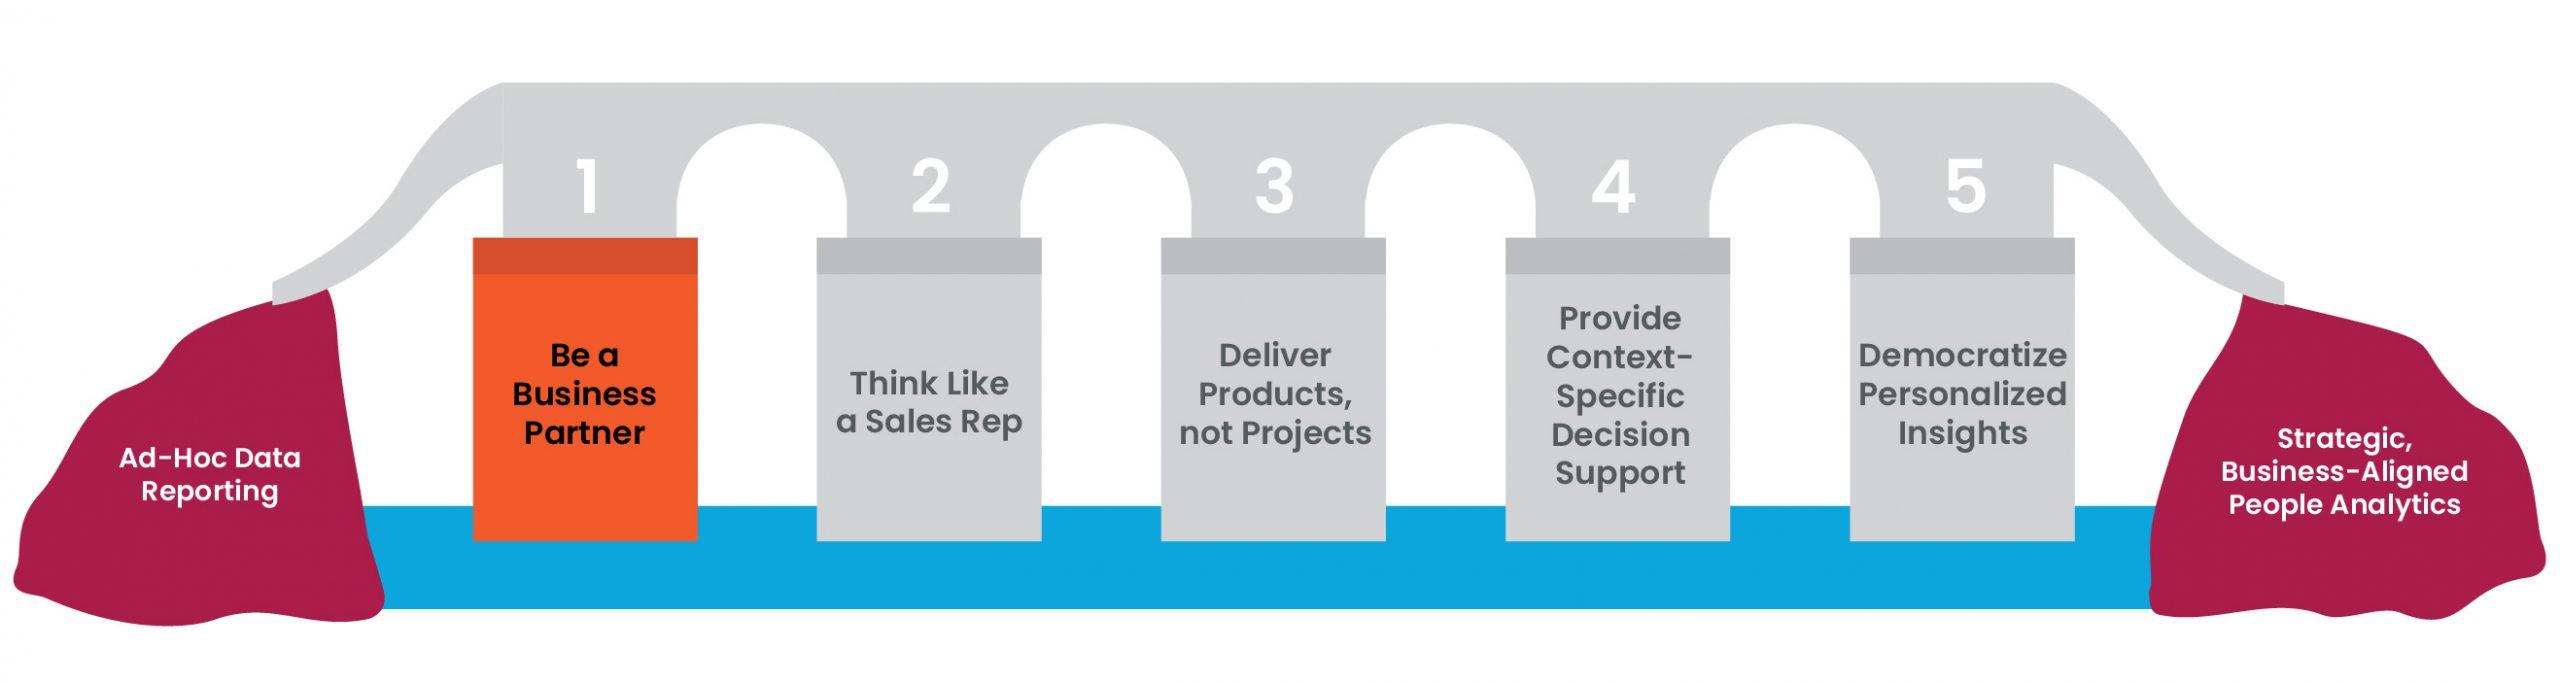 5 pillars figure 2